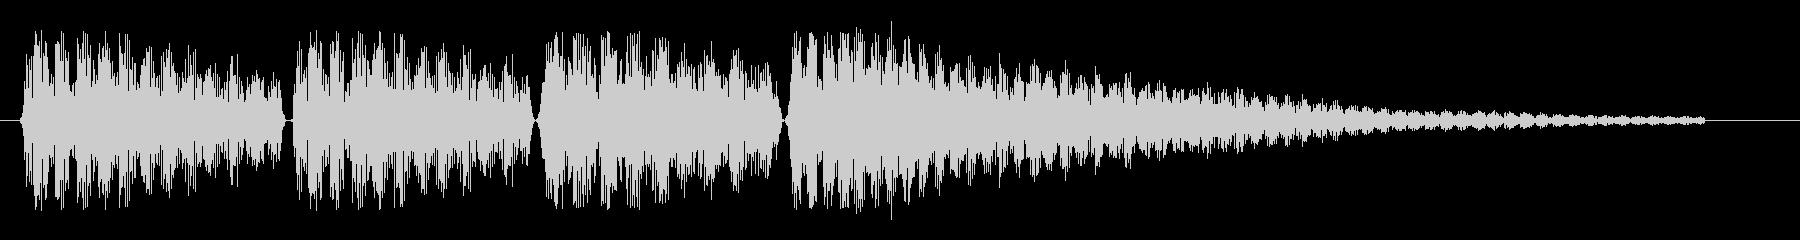 ビブラホーン風のお知らせ音の未再生の波形